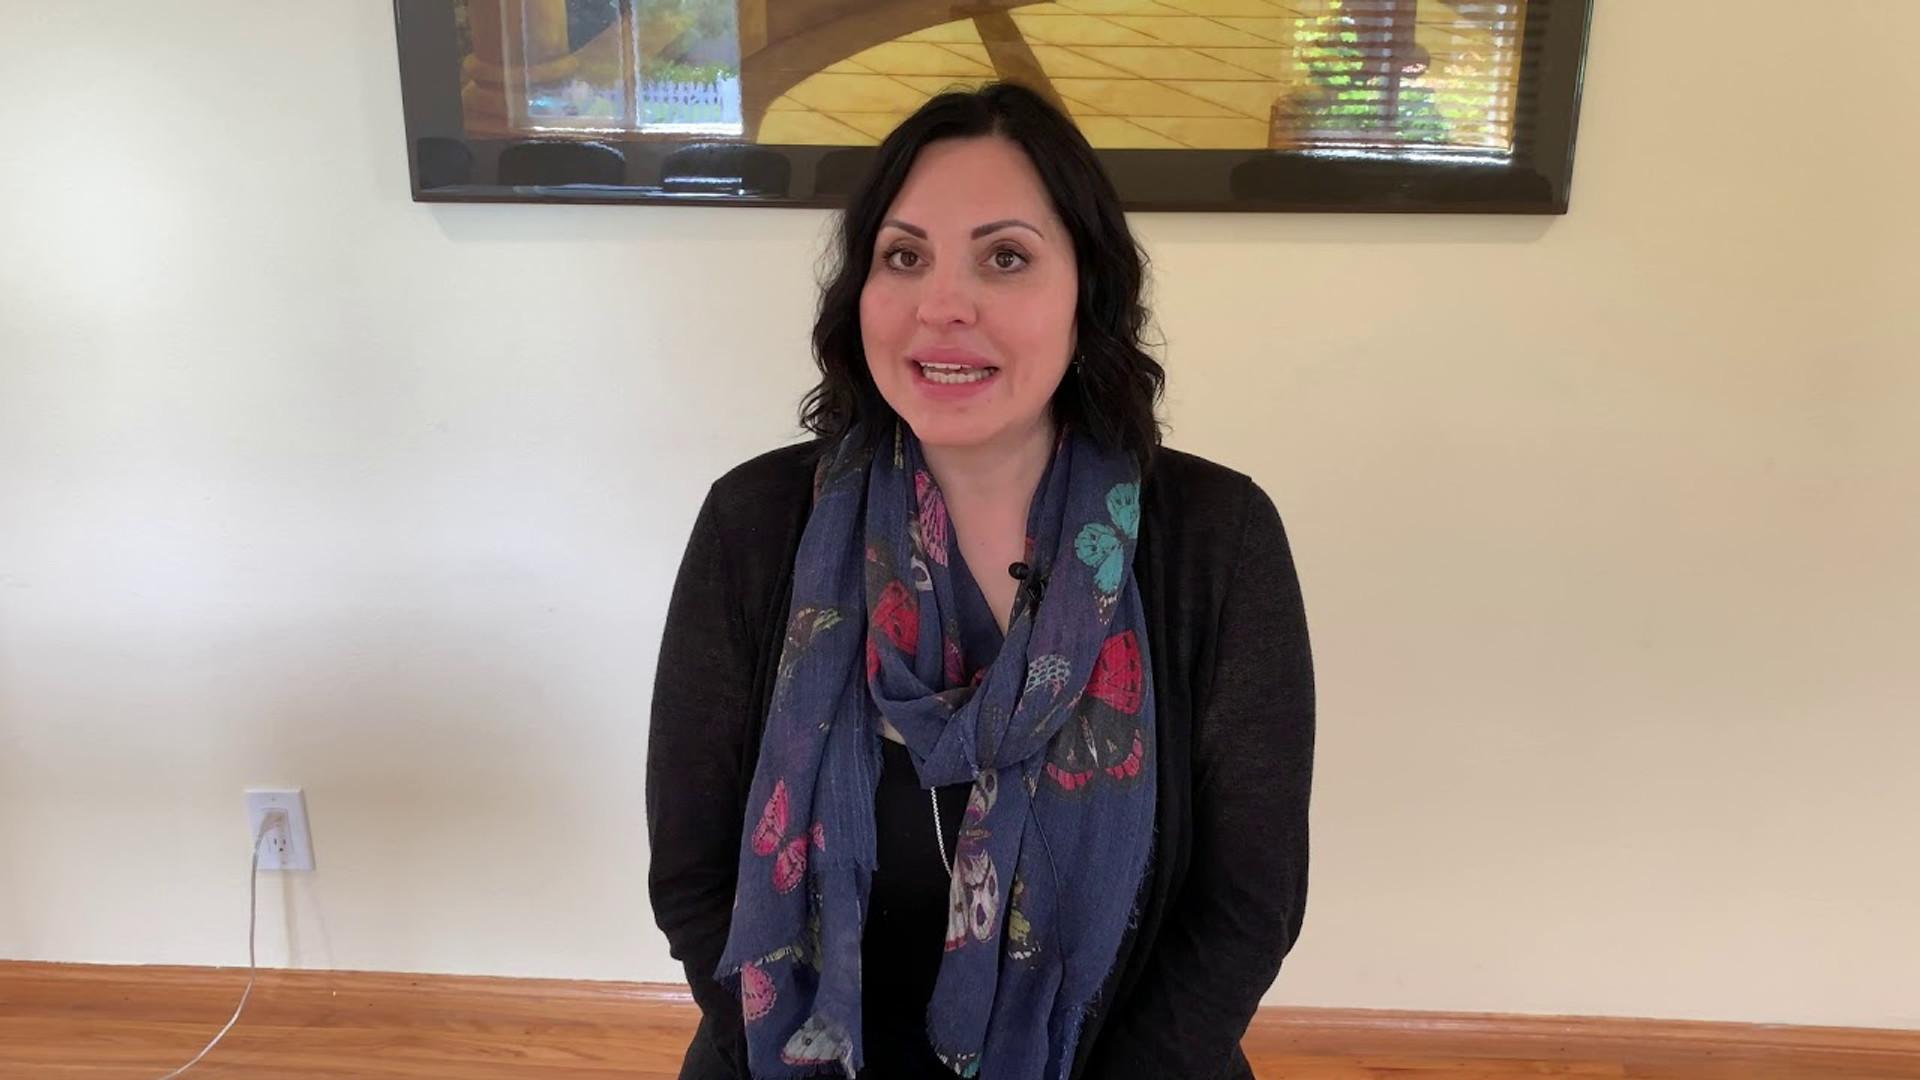 Natali Goresti, USA, 06.2019